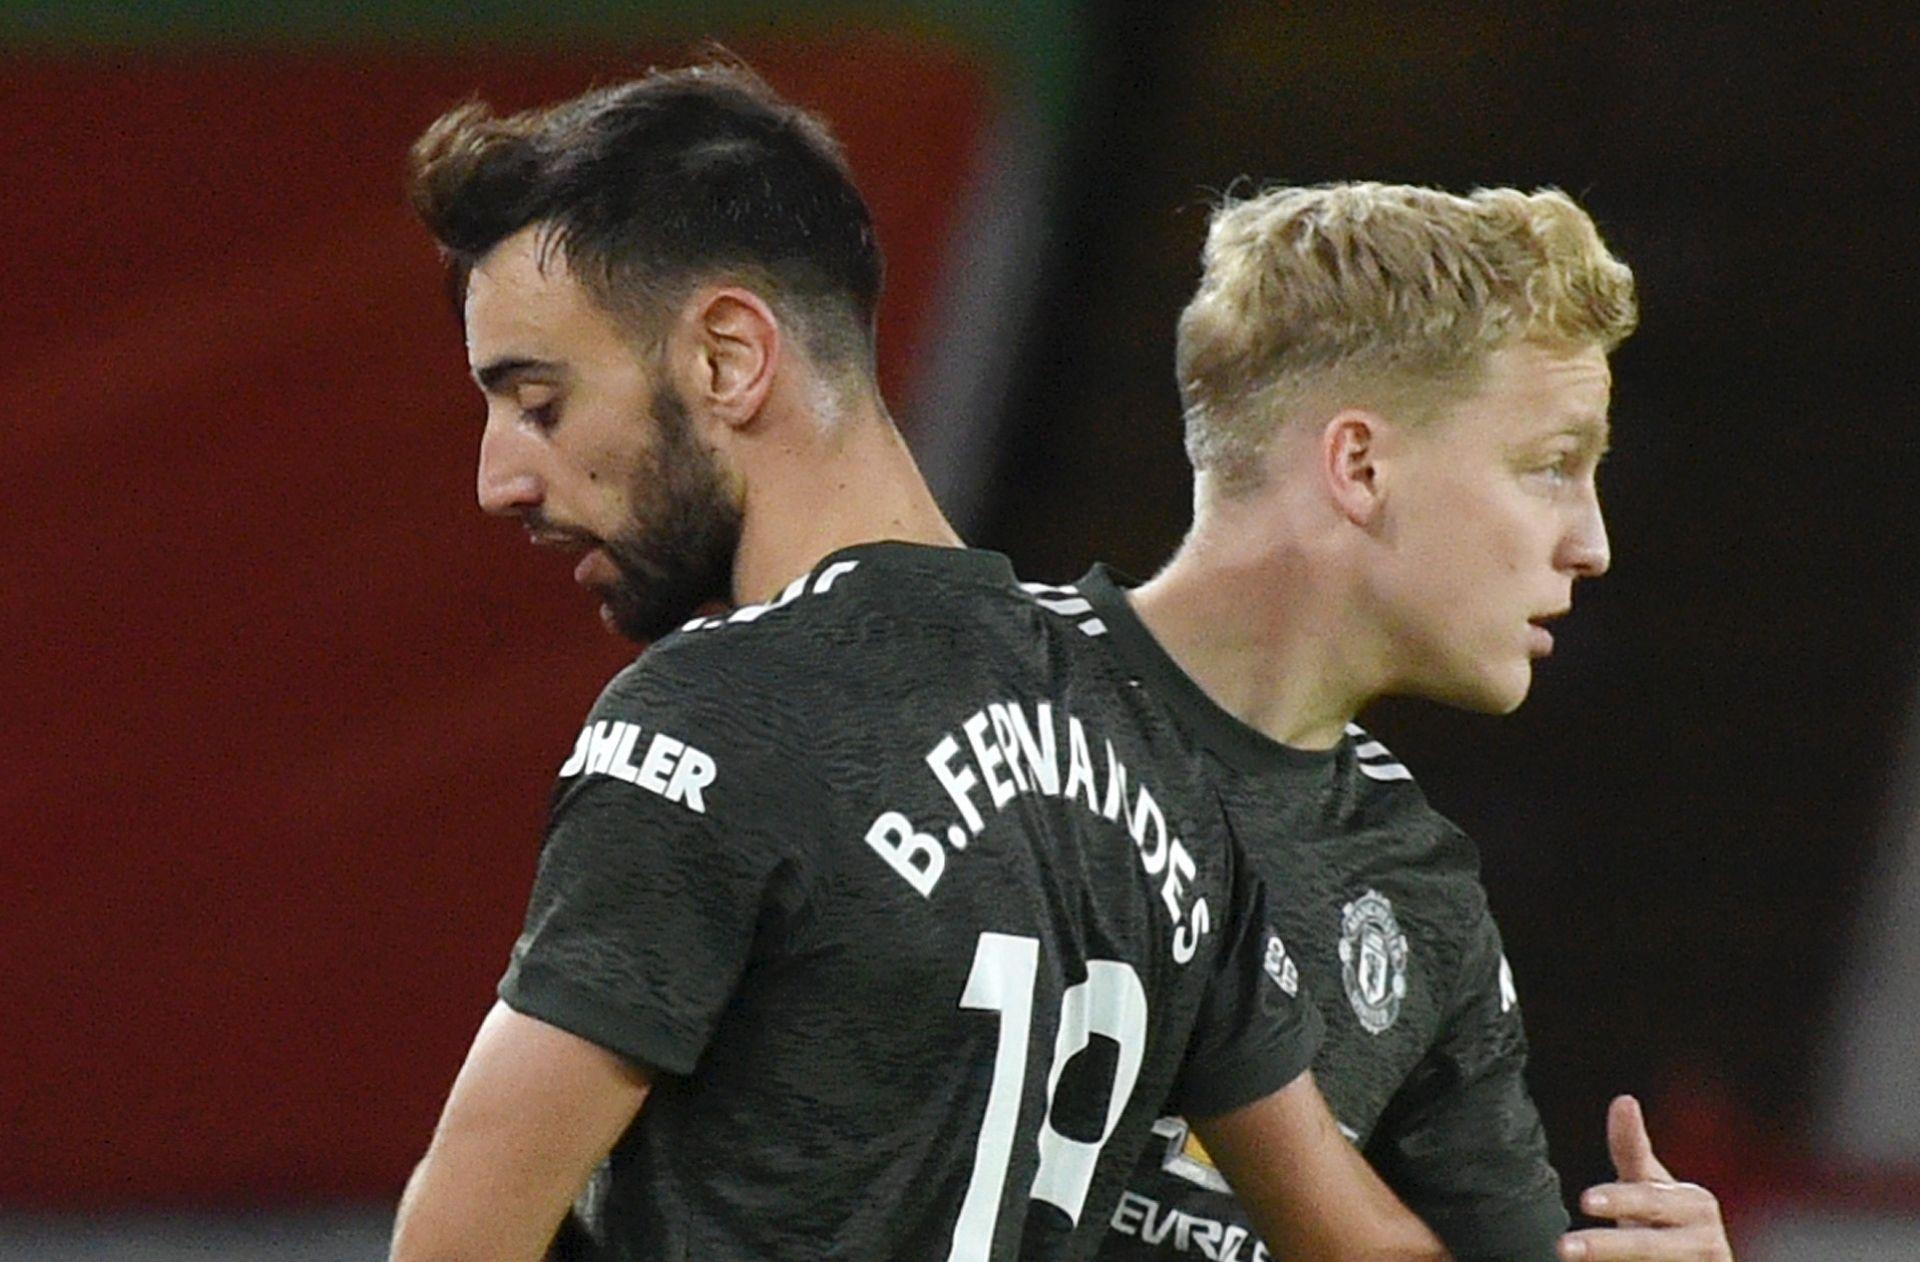 Bruno Fernandes & Donny van de Beek - Manchester United